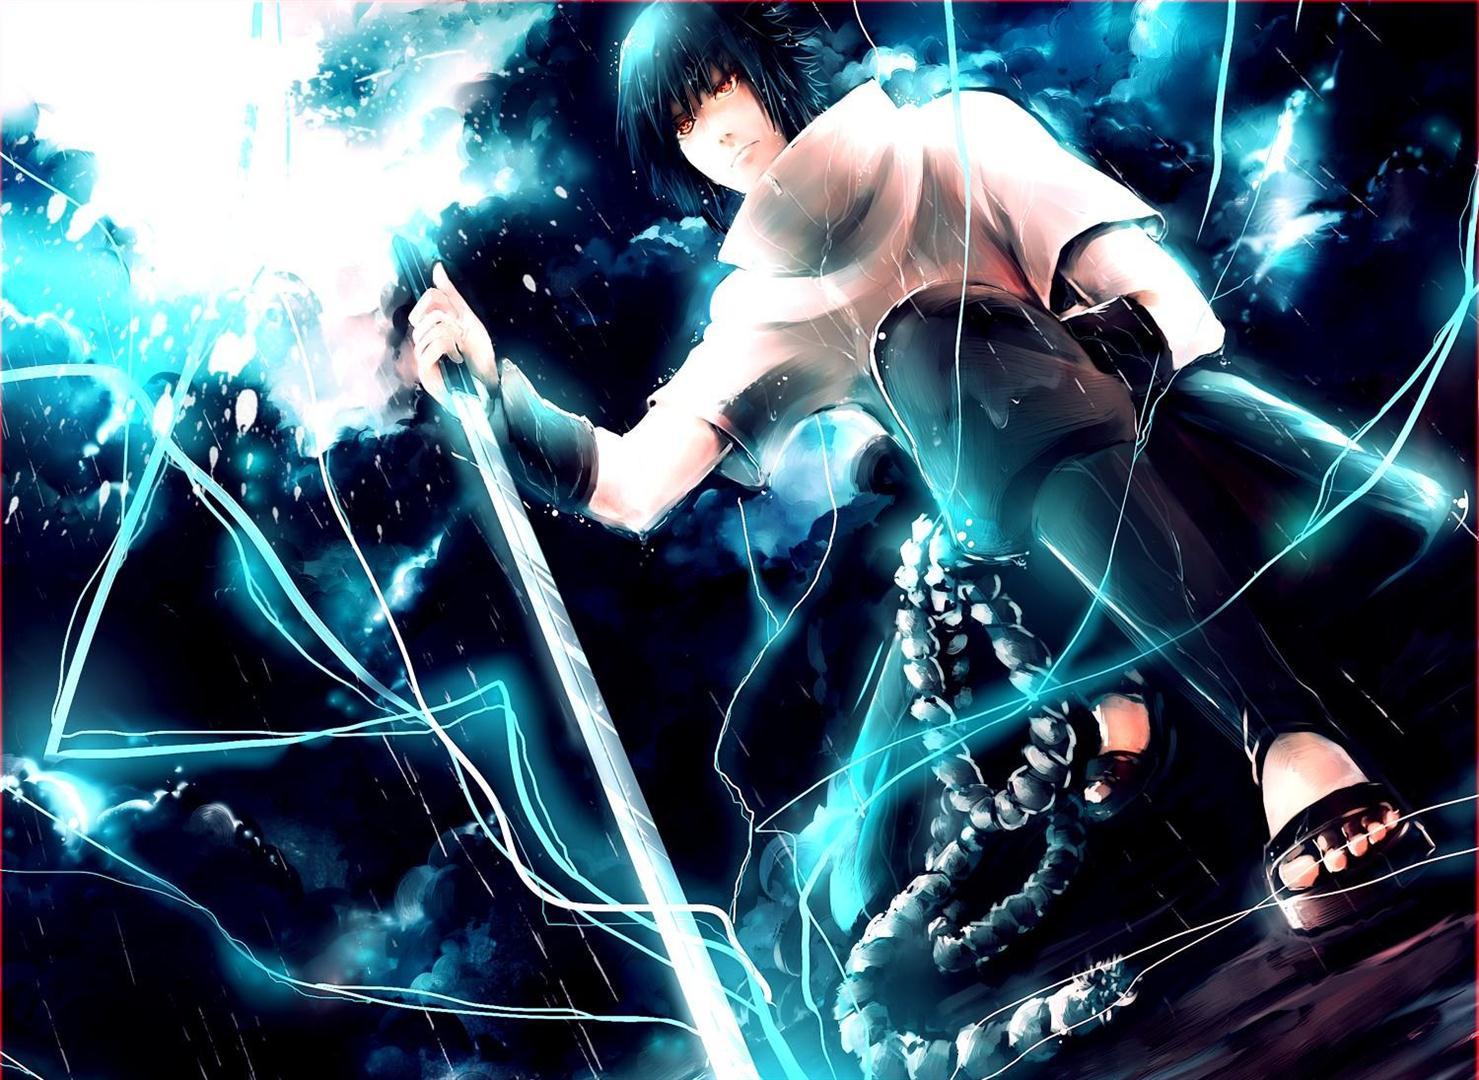 uchiha sasuke images wallpaper - photo #22